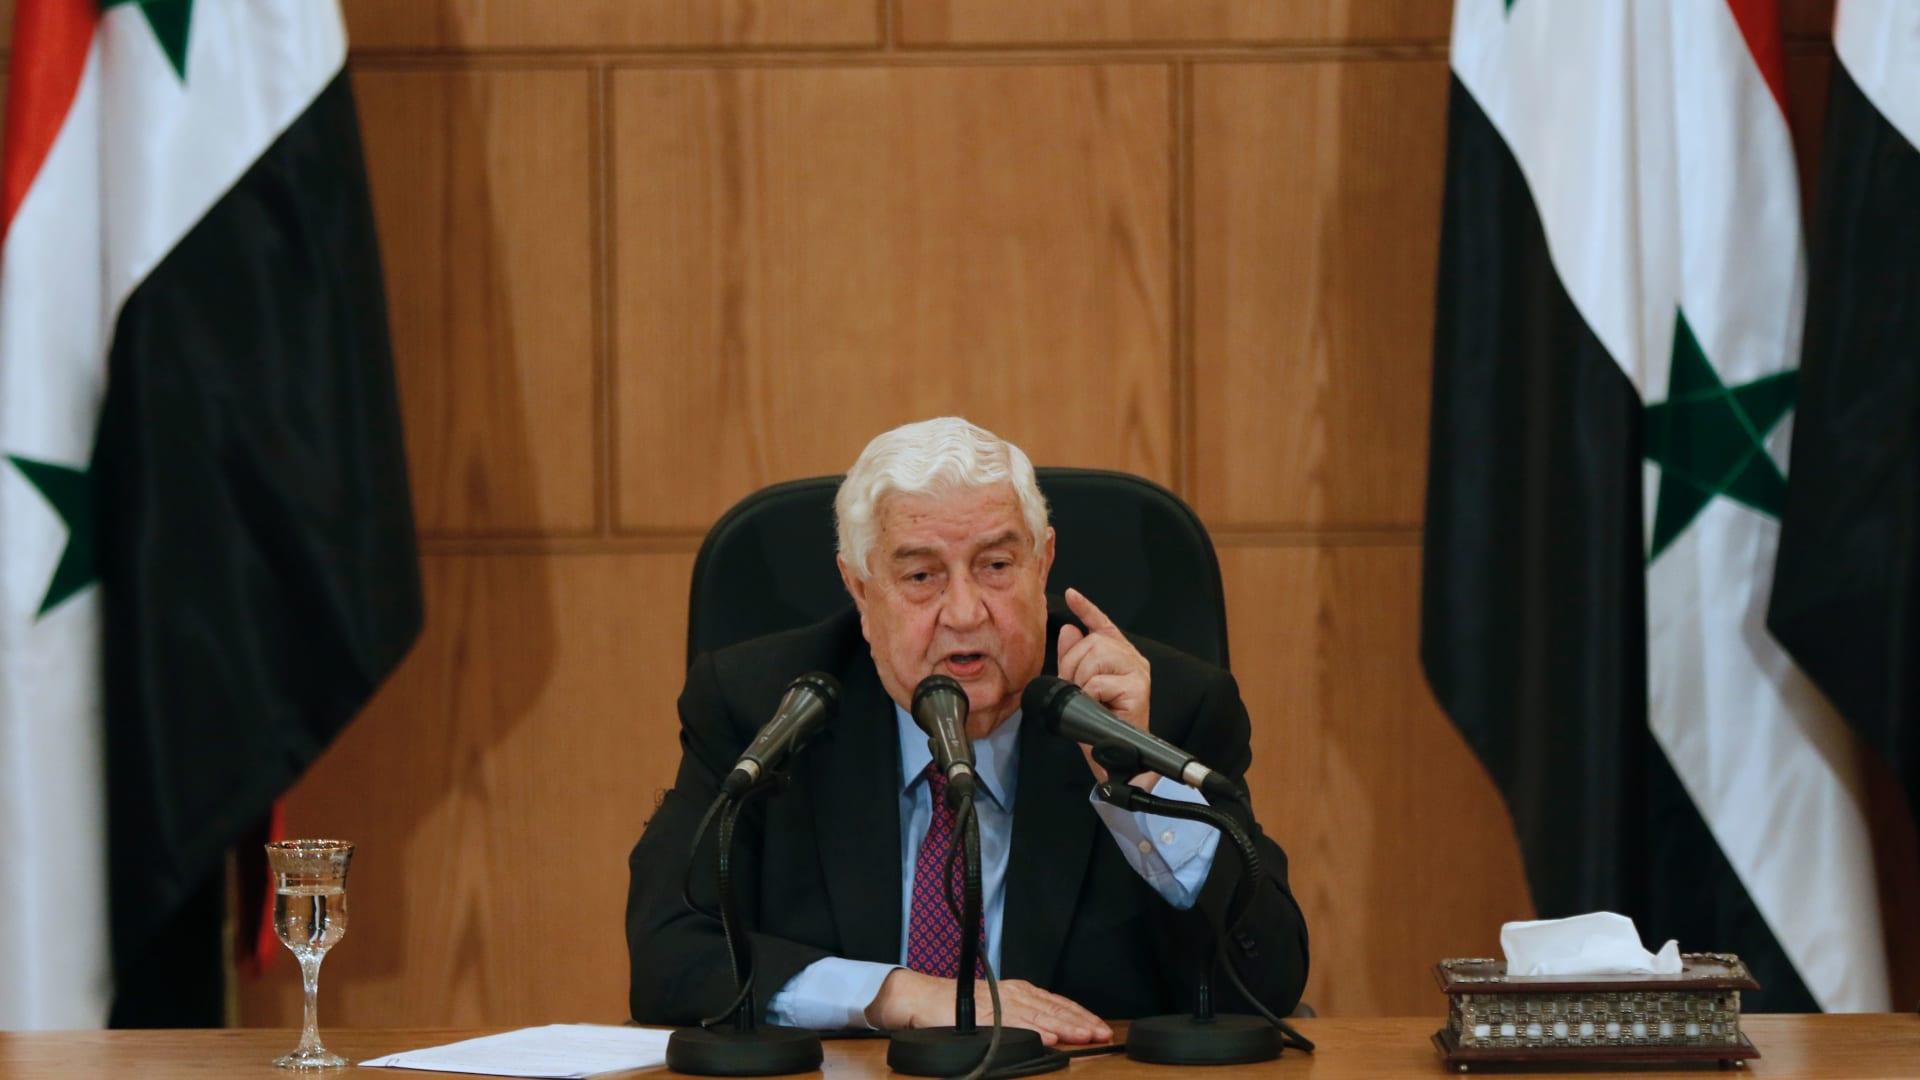 وليد المعلم: المشكلة ليست بالمعارضة.. وأولوية إعمار سوريا للأصدقاء